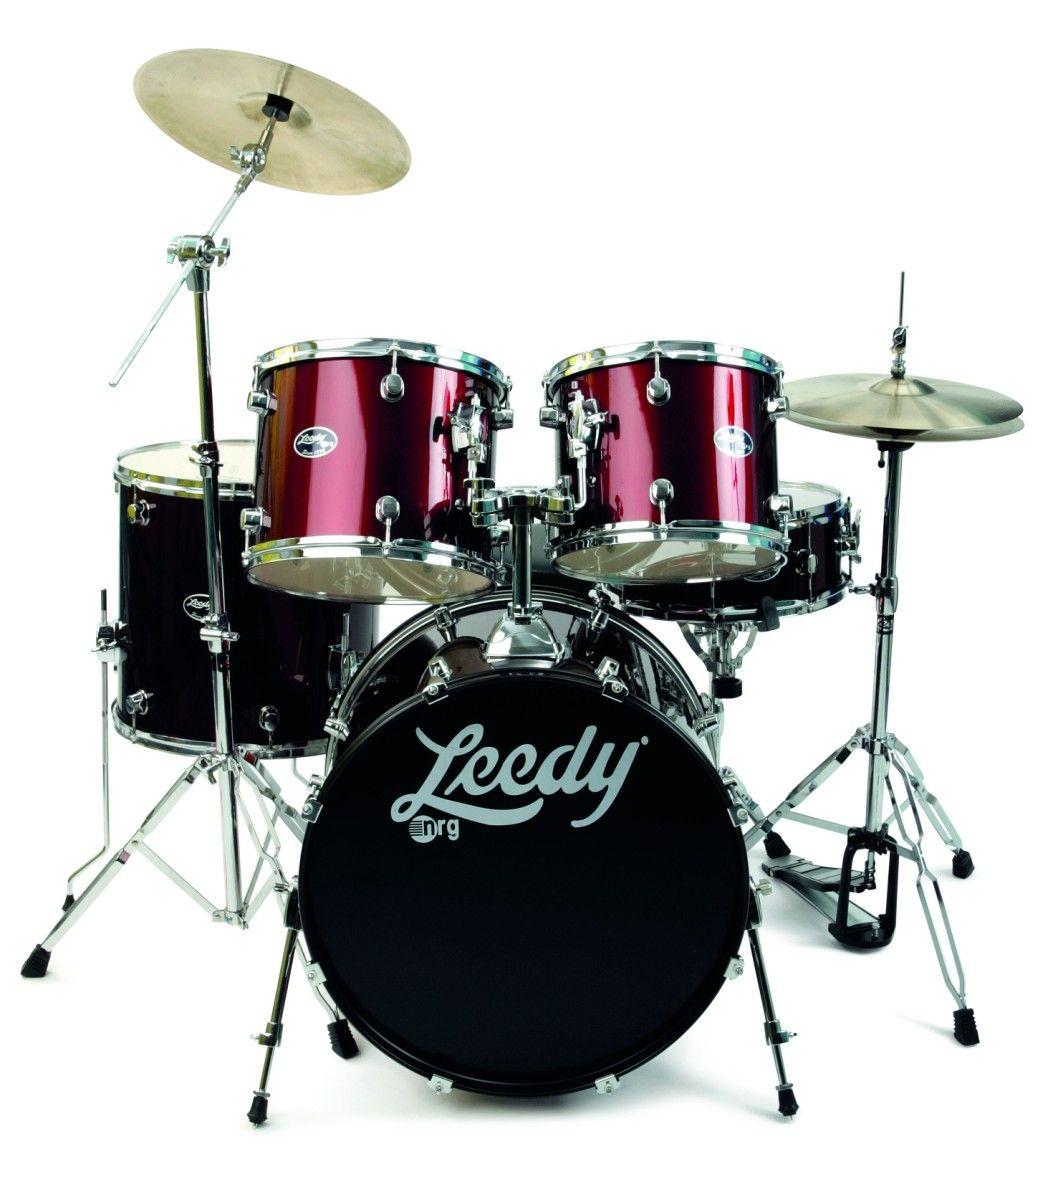 leedy drums nrg rock kit review musicradar. Black Bedroom Furniture Sets. Home Design Ideas